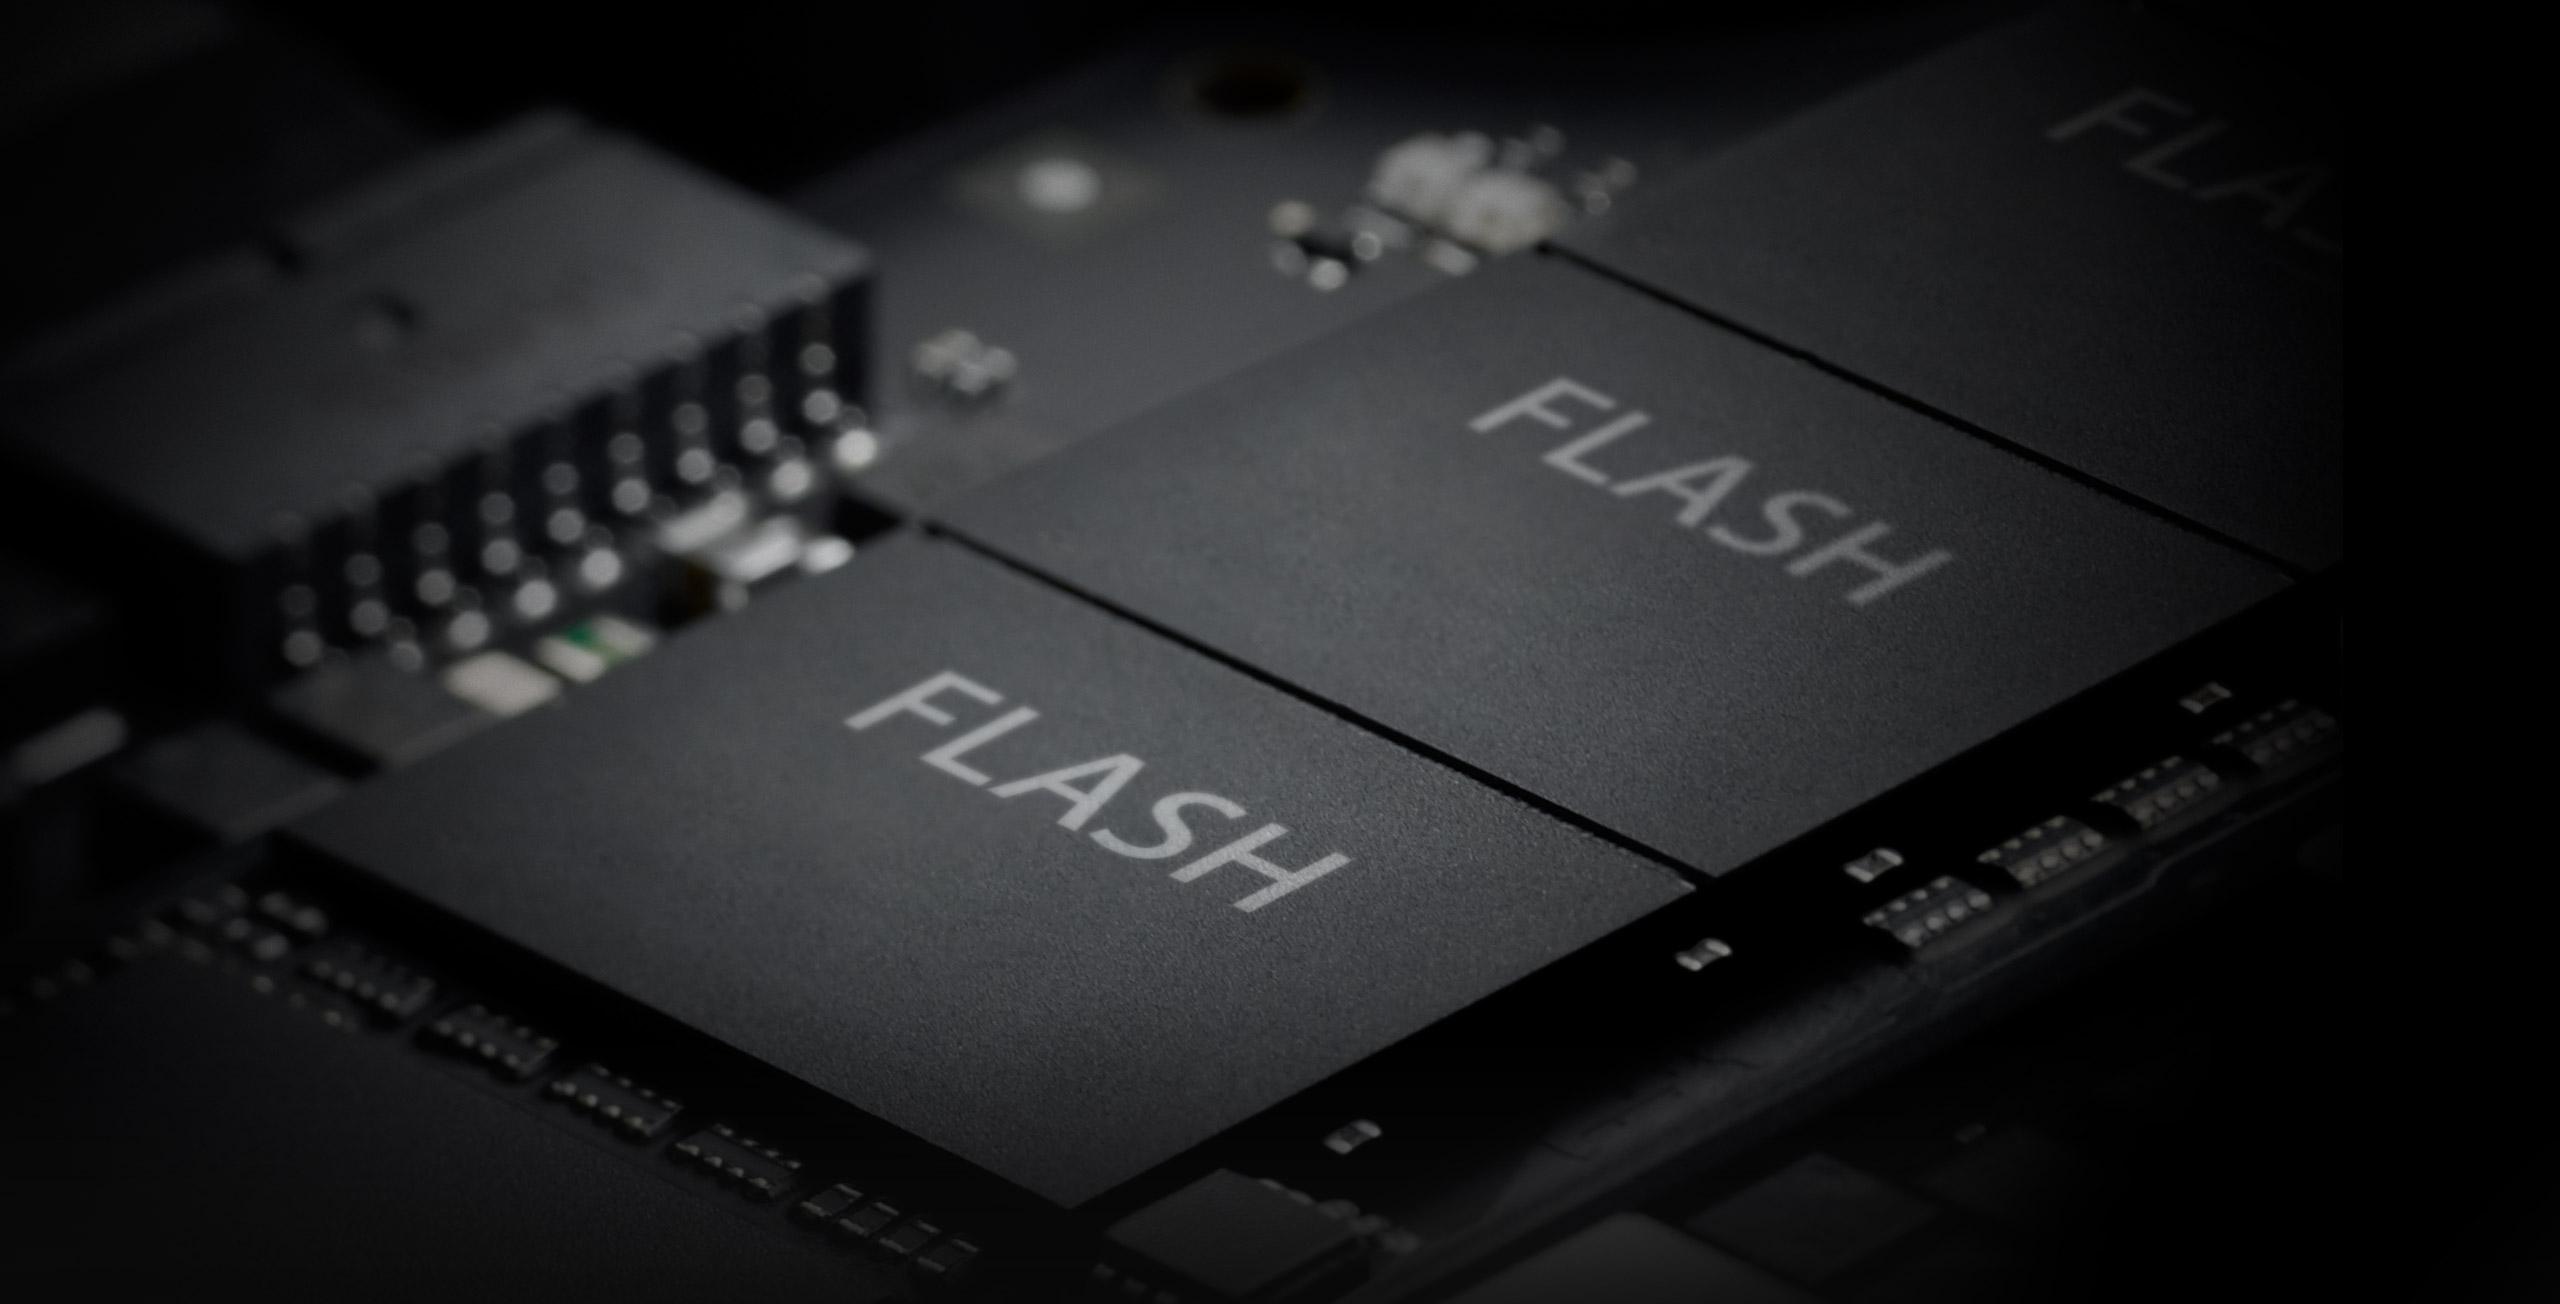 苹果供应商不给力 三星为iPhone 8生产3D NAND芯片